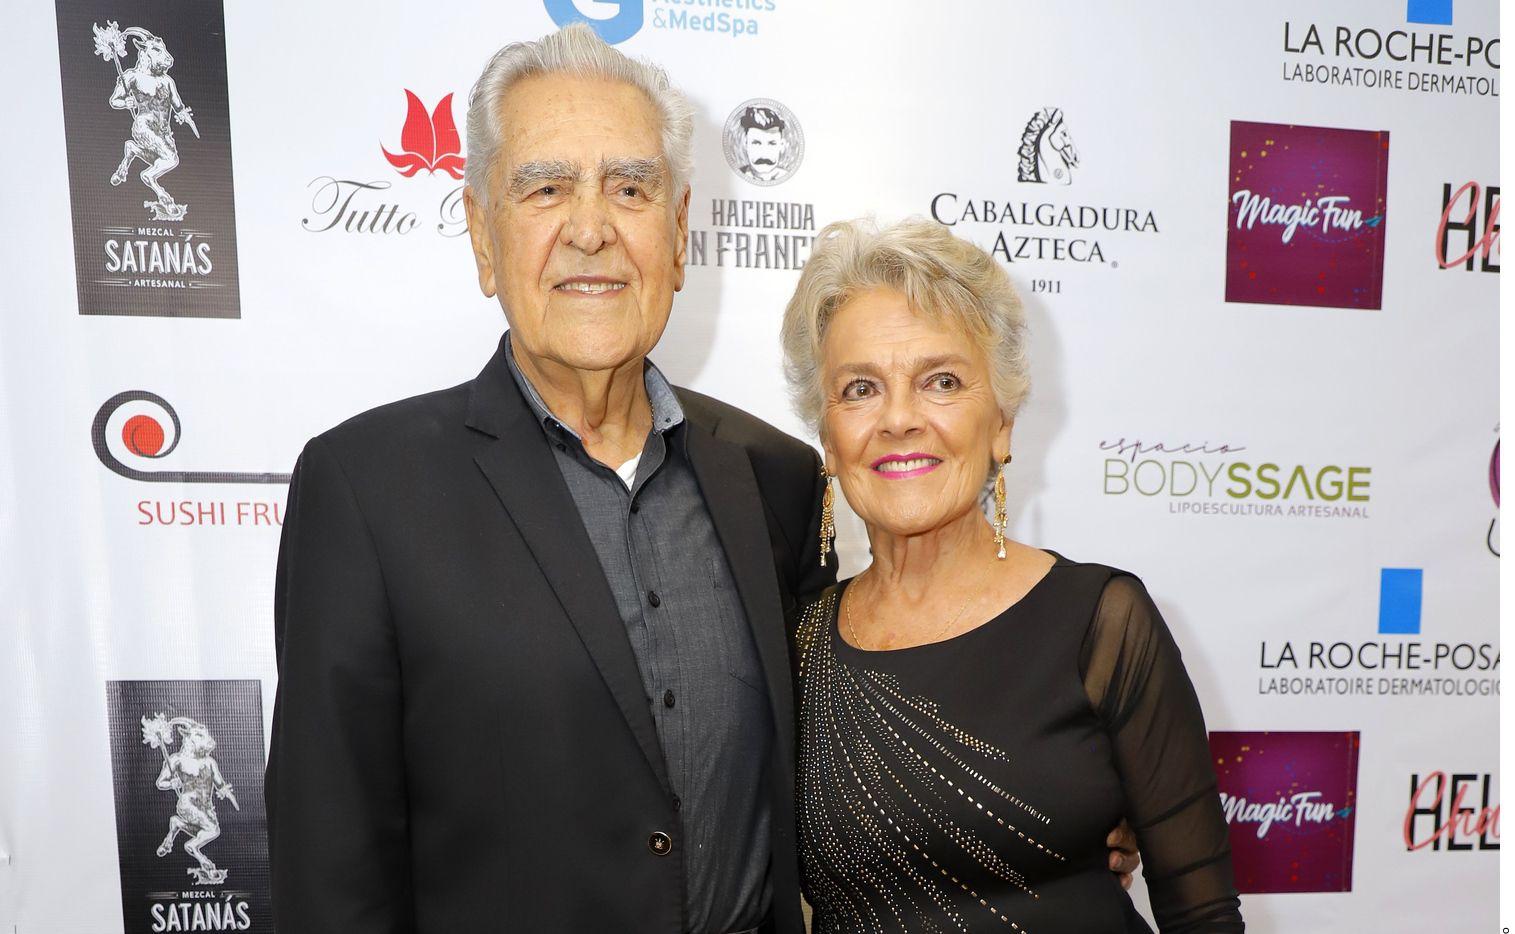 Eric del Castillo fue llevado a urgencias de un hospital de la CDMX porque sufrió una caída, de acuerdo con su hija Verónica.